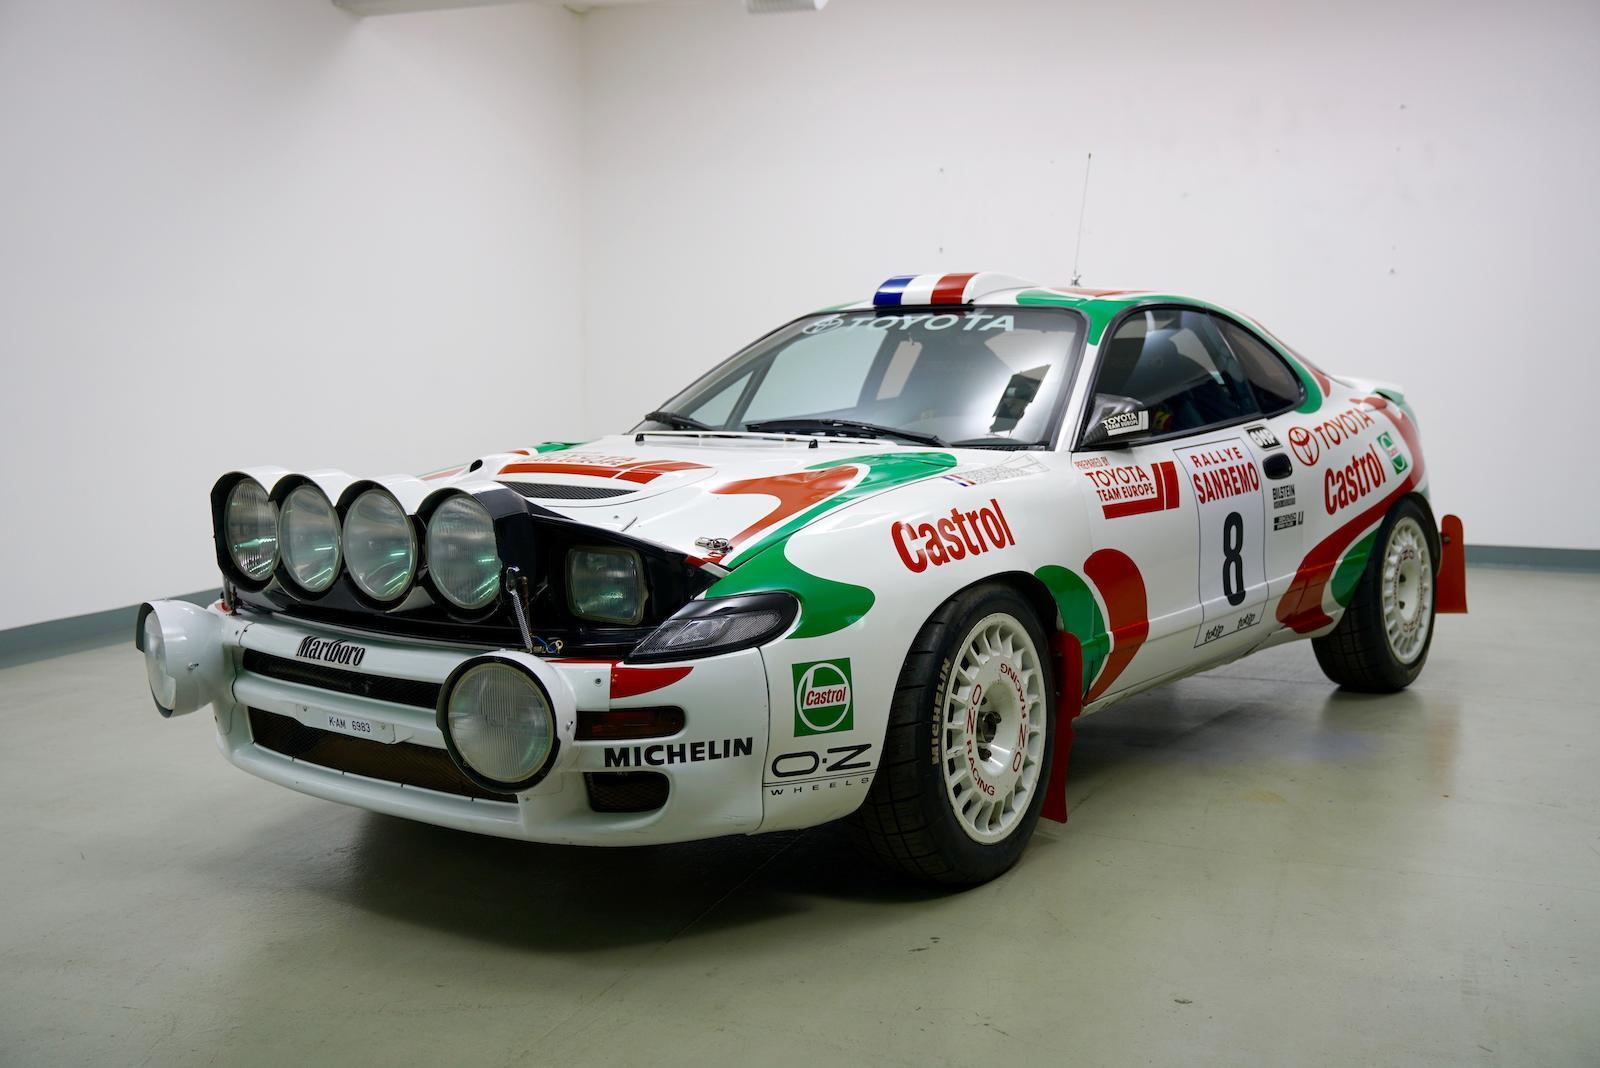 Didier_Auriol_Toyota_Celica_WRC_0012